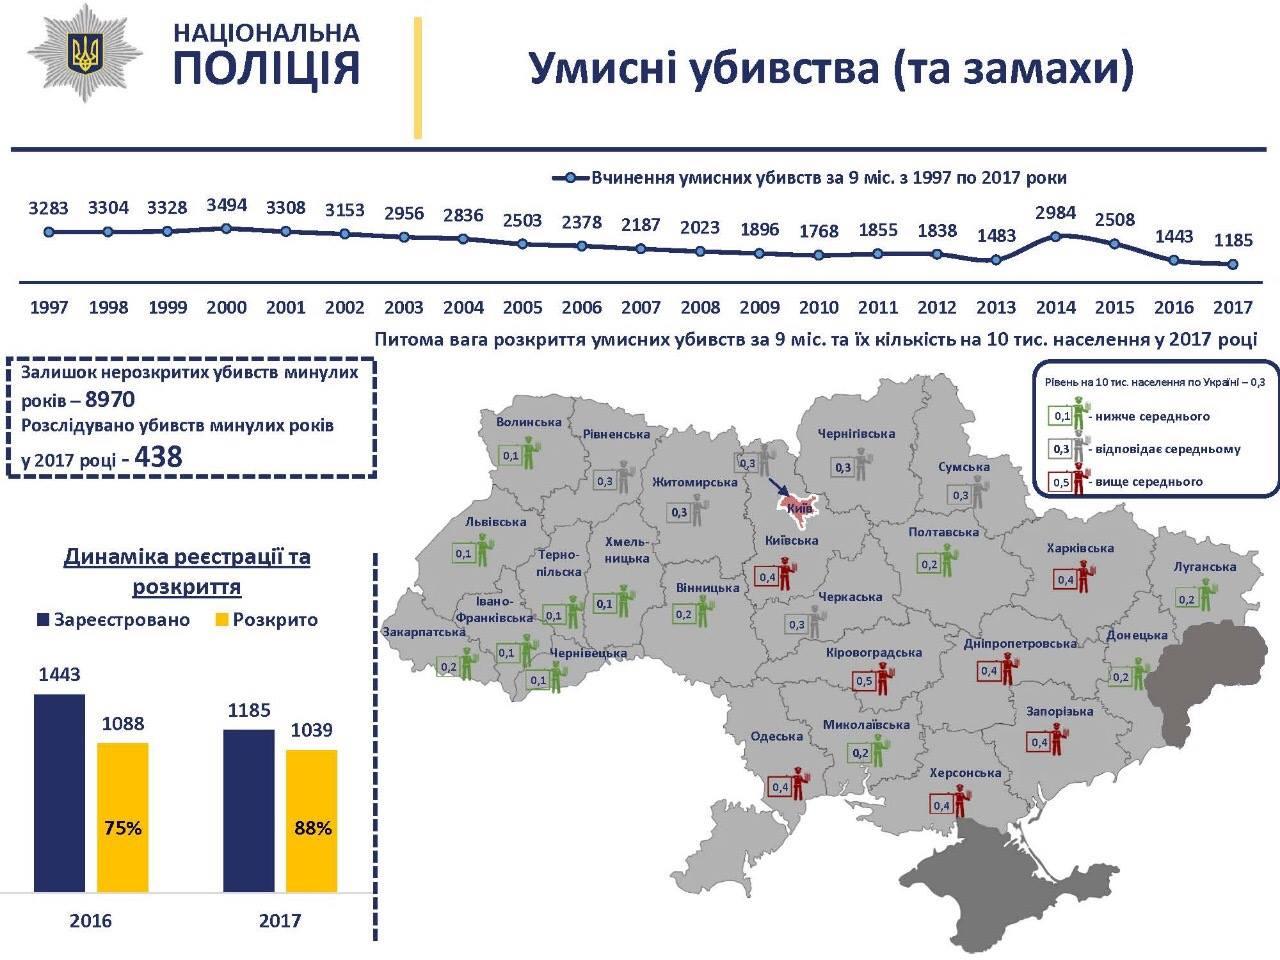 В Украине зафиксировано самое низкое количество убийств за 10 лет